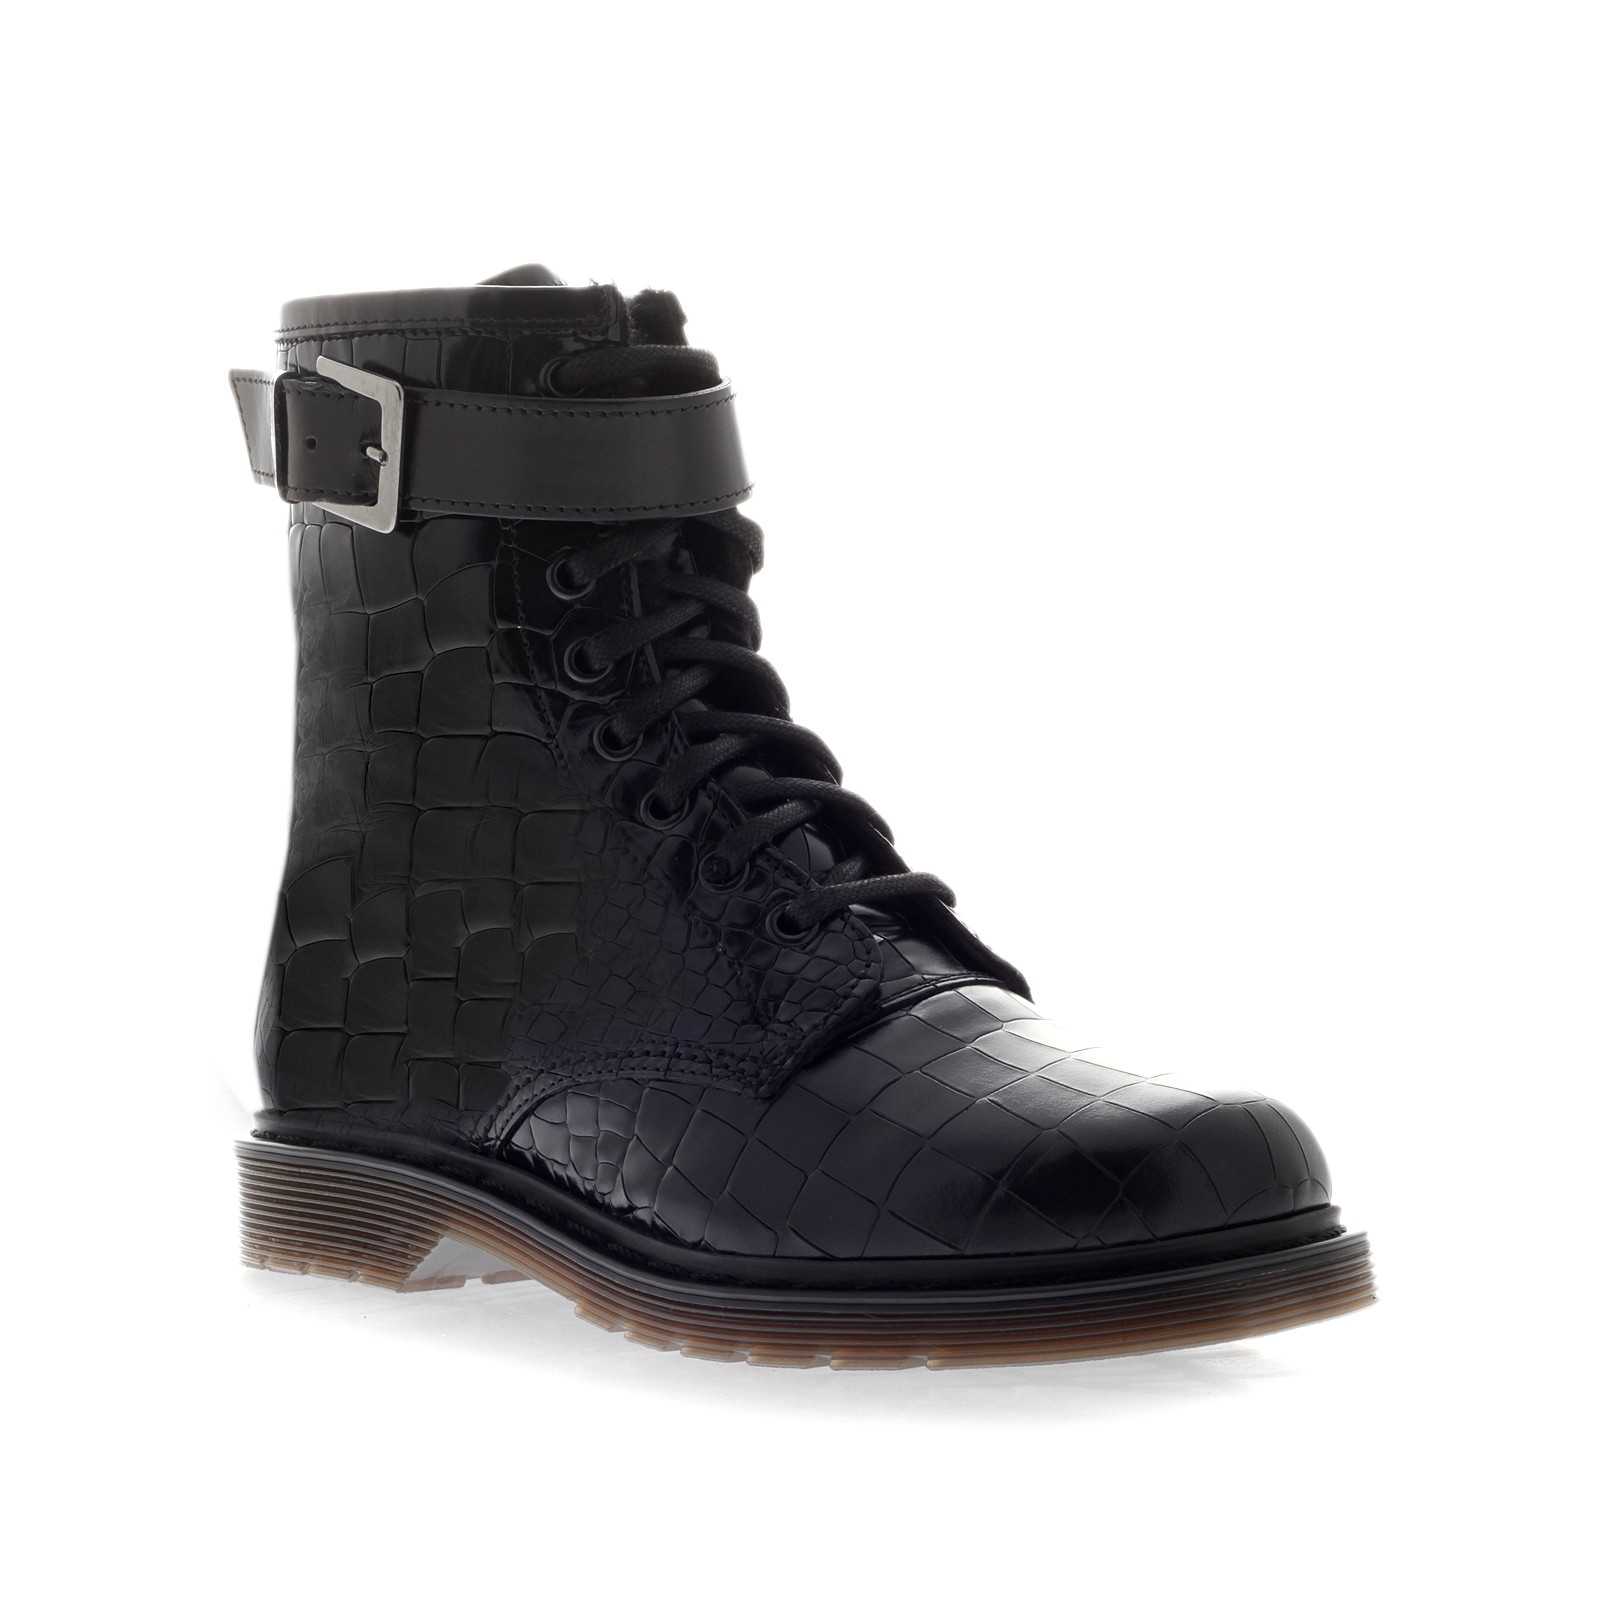 Kurt Geiger | STEELL Black Flat Lace-up Boots by Kurt Geiger London